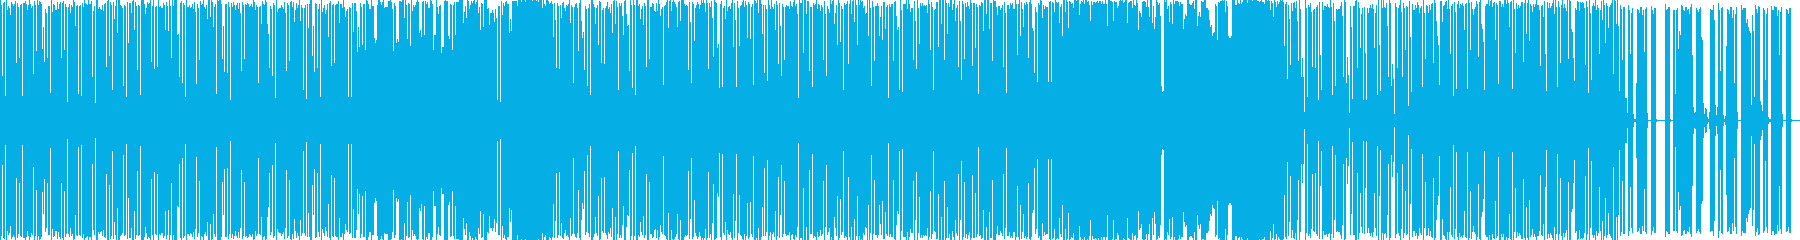 金属的な雰囲気の軽快なテクノの再生済みの波形